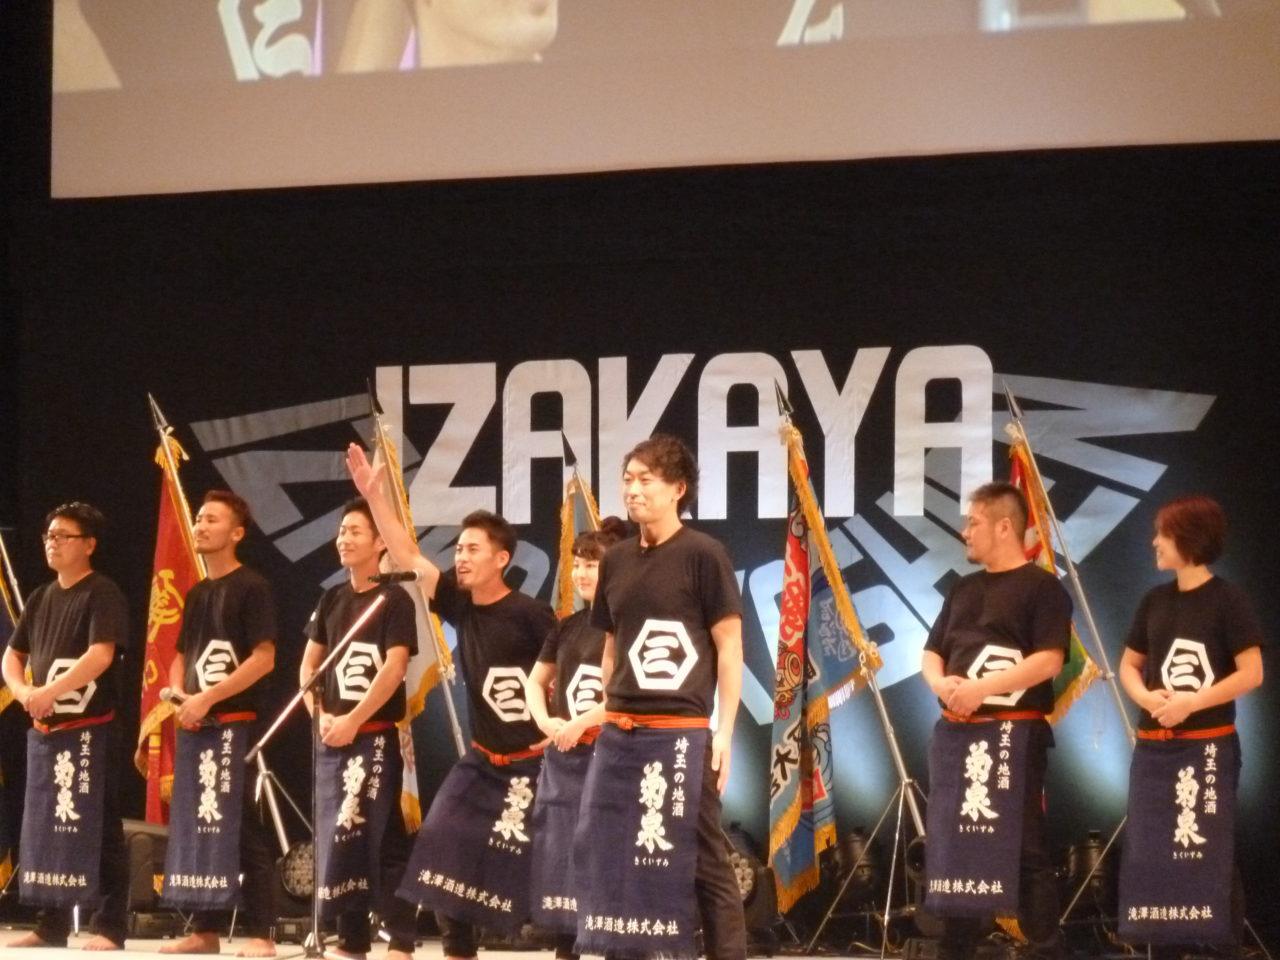 8名の男女が並んでおり、左から4番目の男性が右手を上げマイクの前で宣誓を行っている。